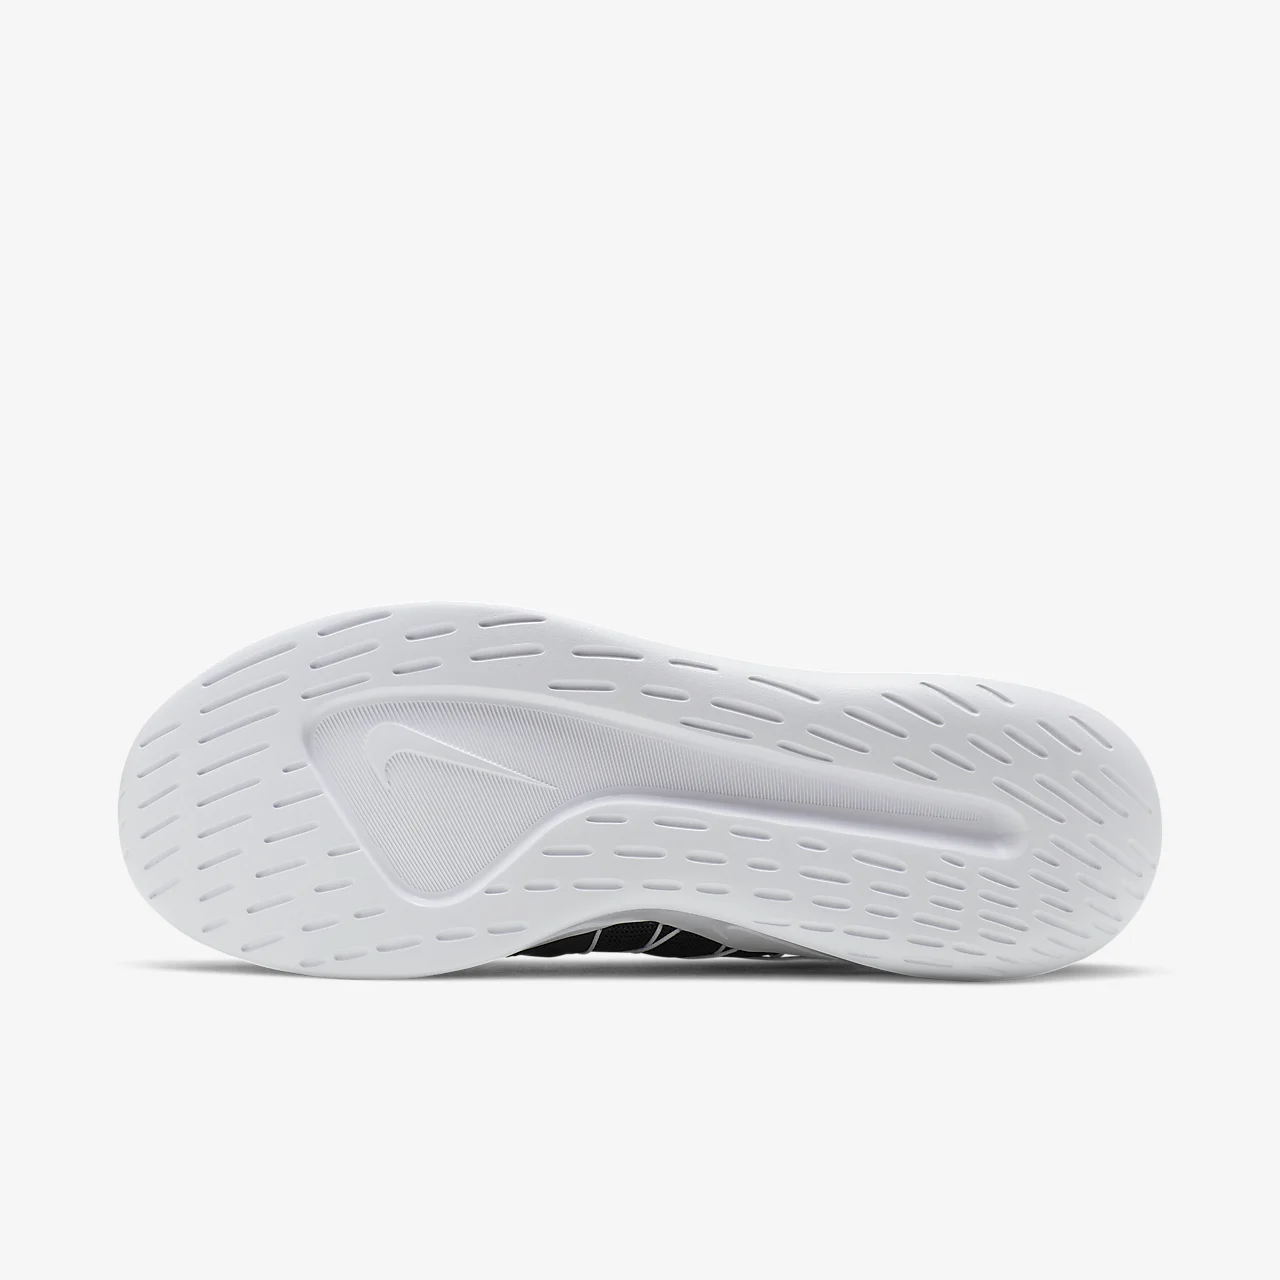 나이키 비알레 테크 레이서 남성 신발 AT4209-001